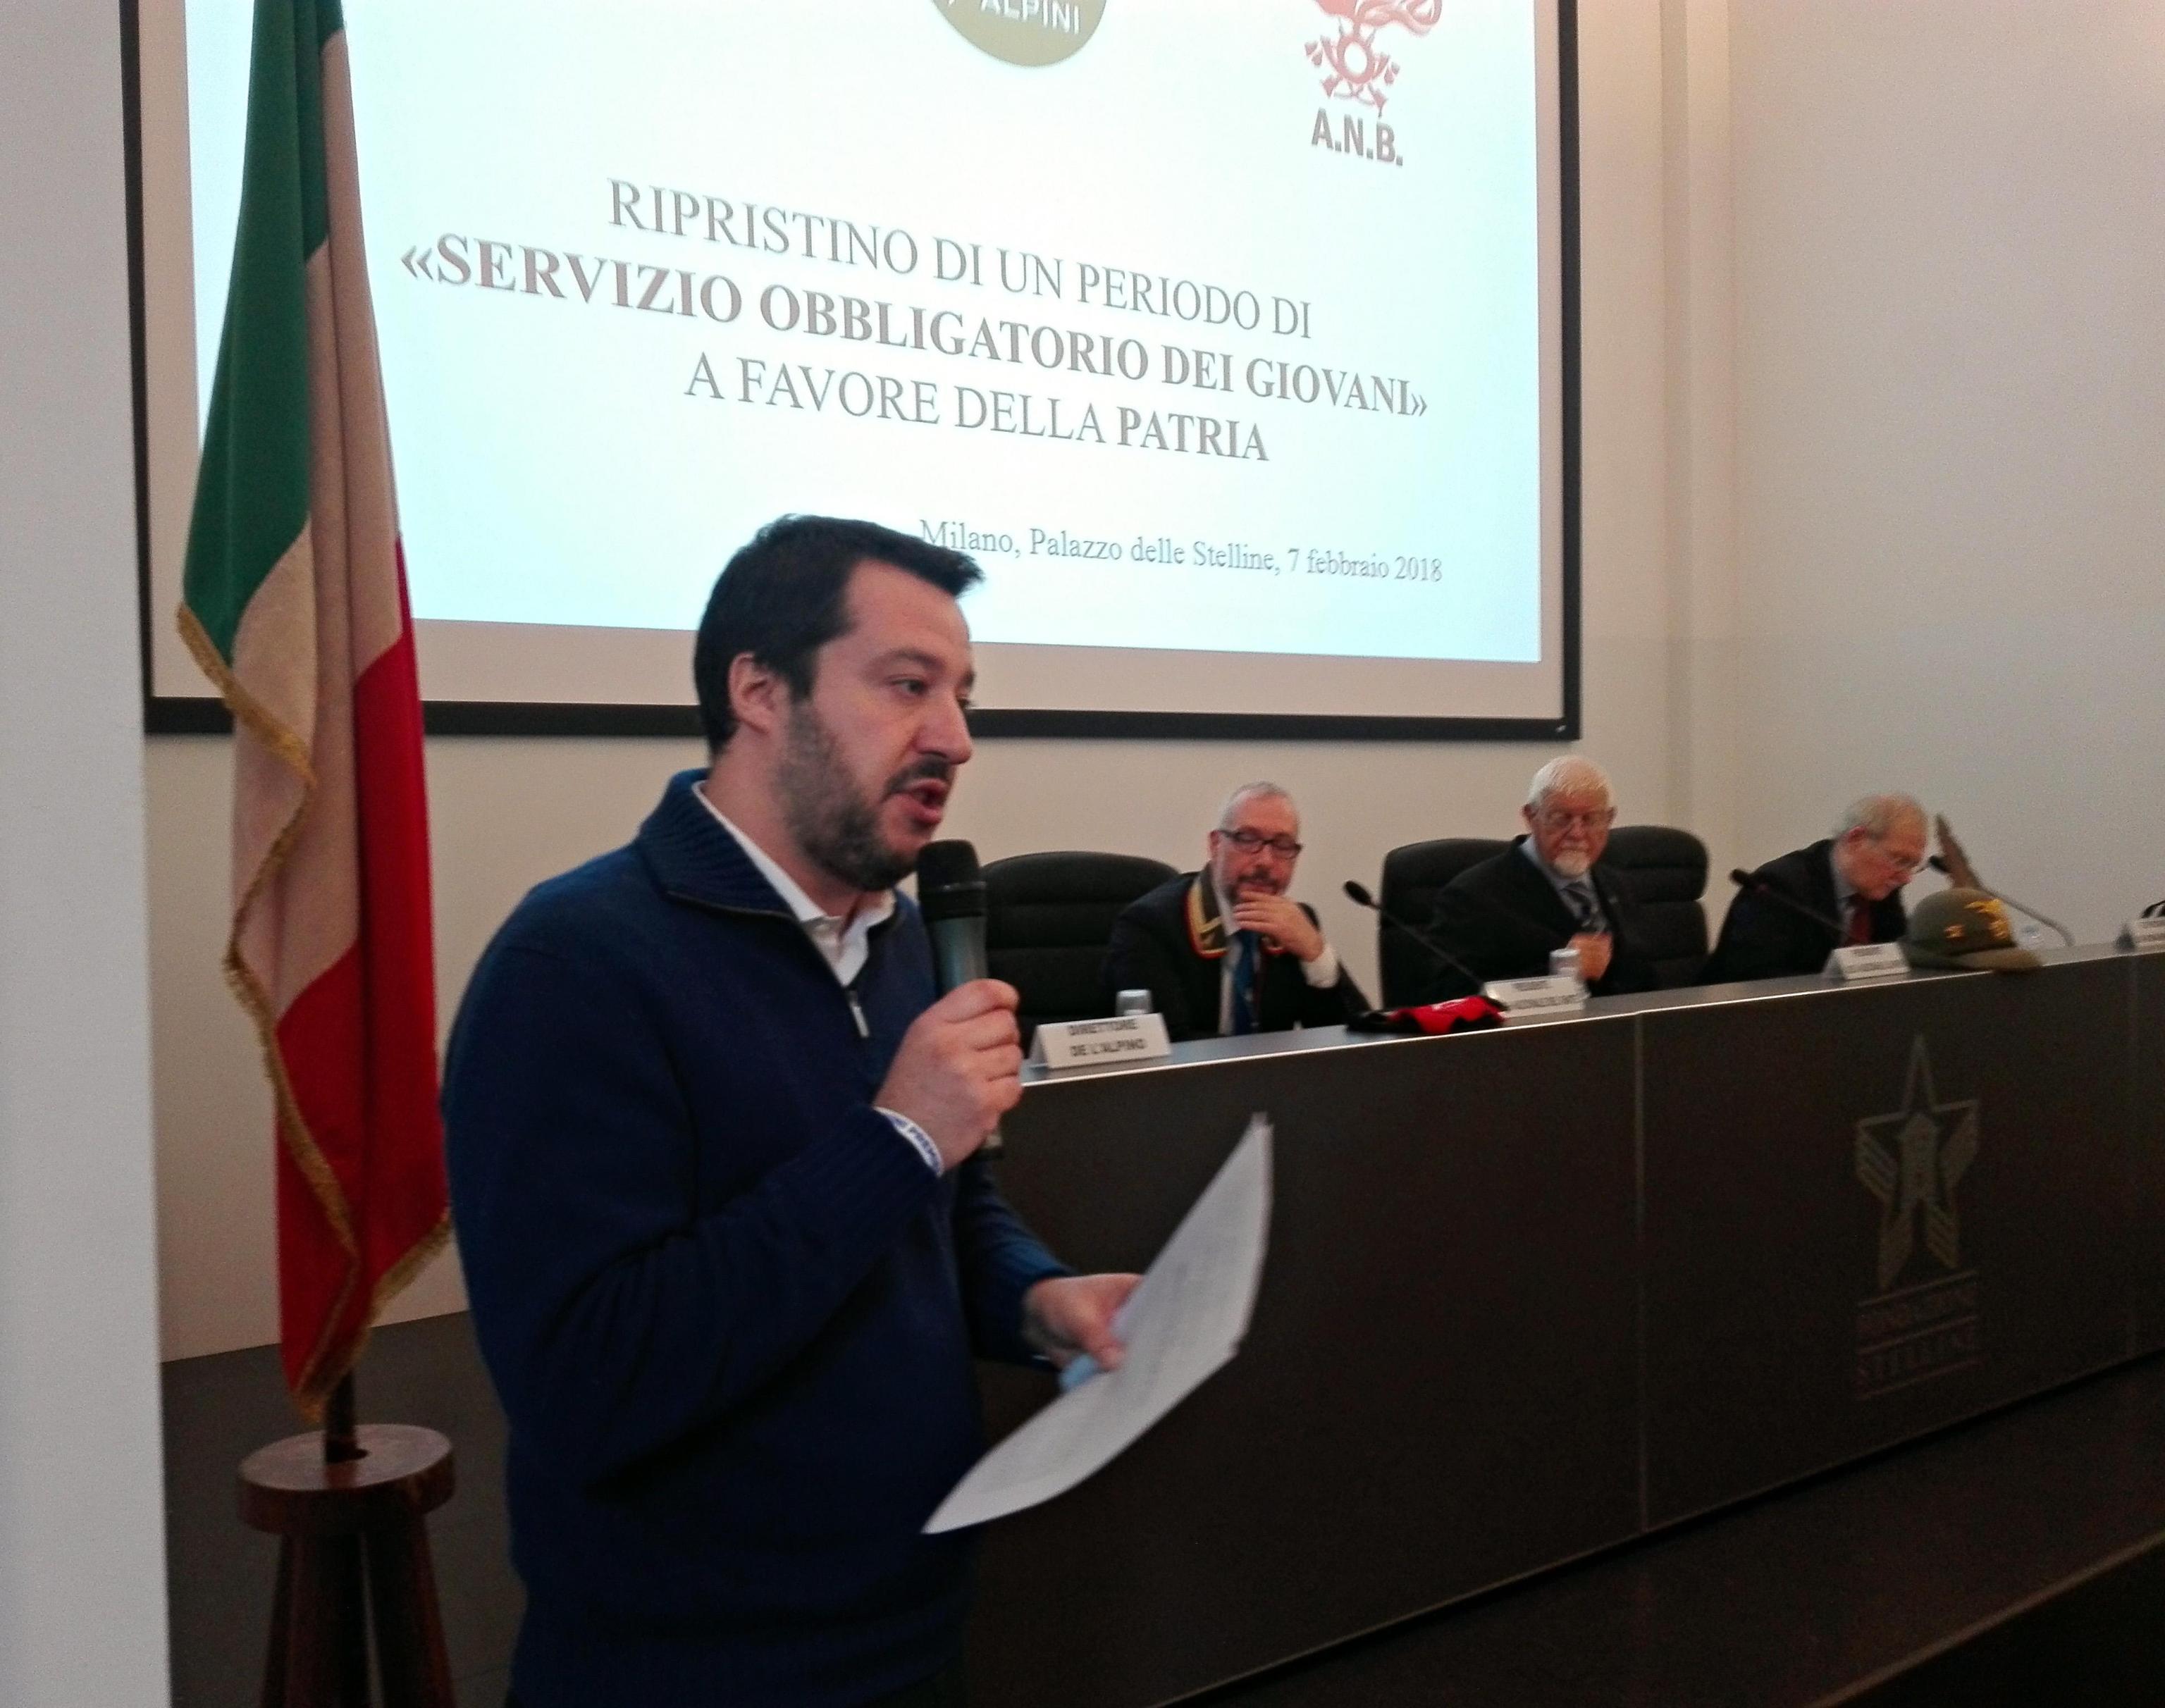 Salvini leva obbligatoria